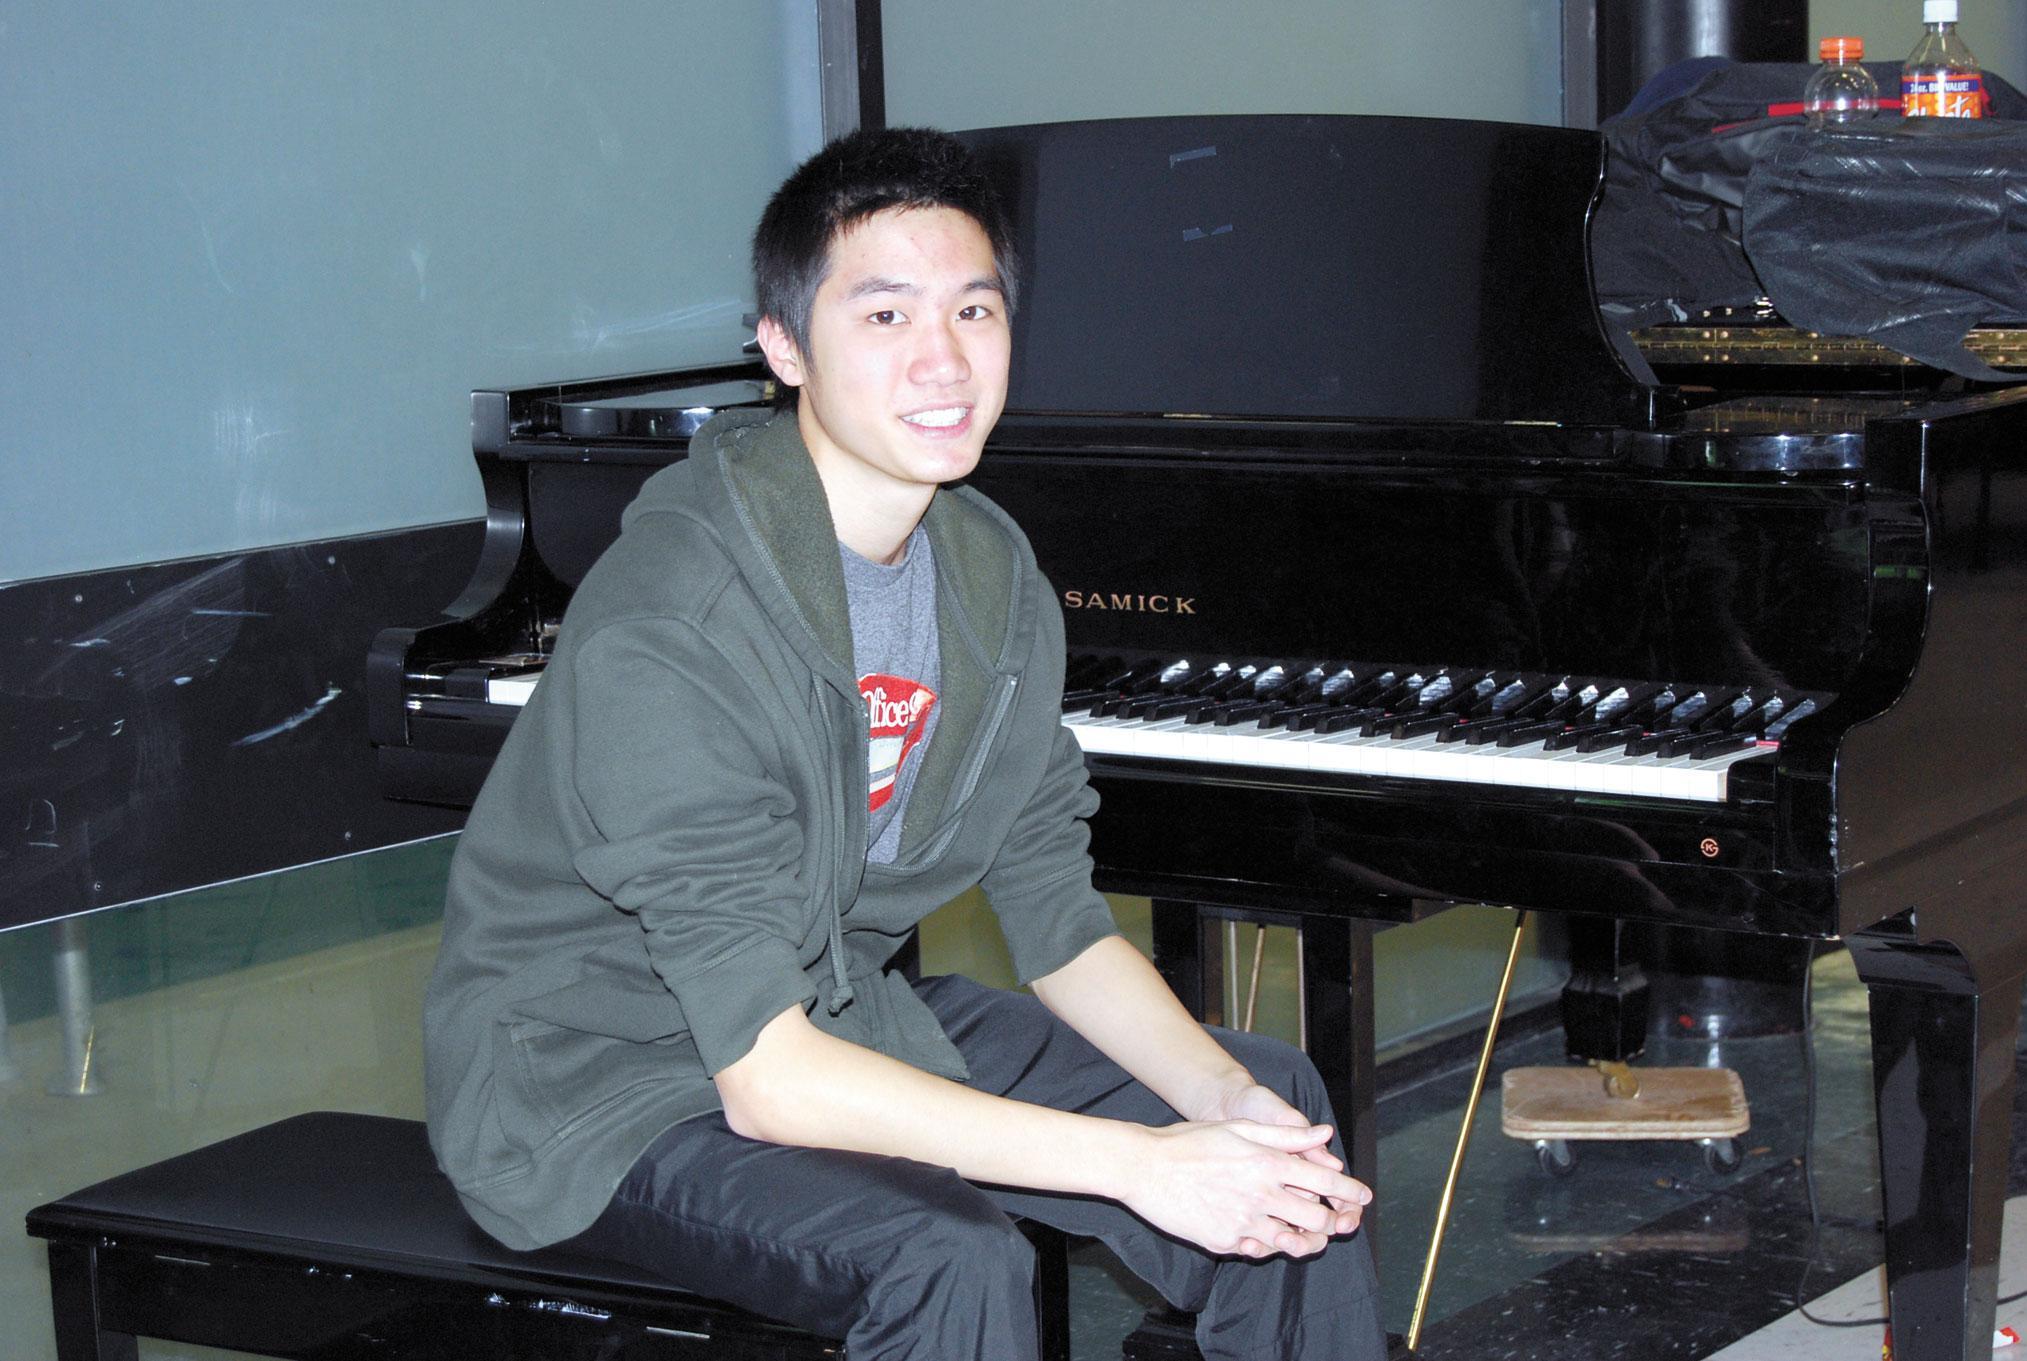 Student from Hong Kong studies at Seward